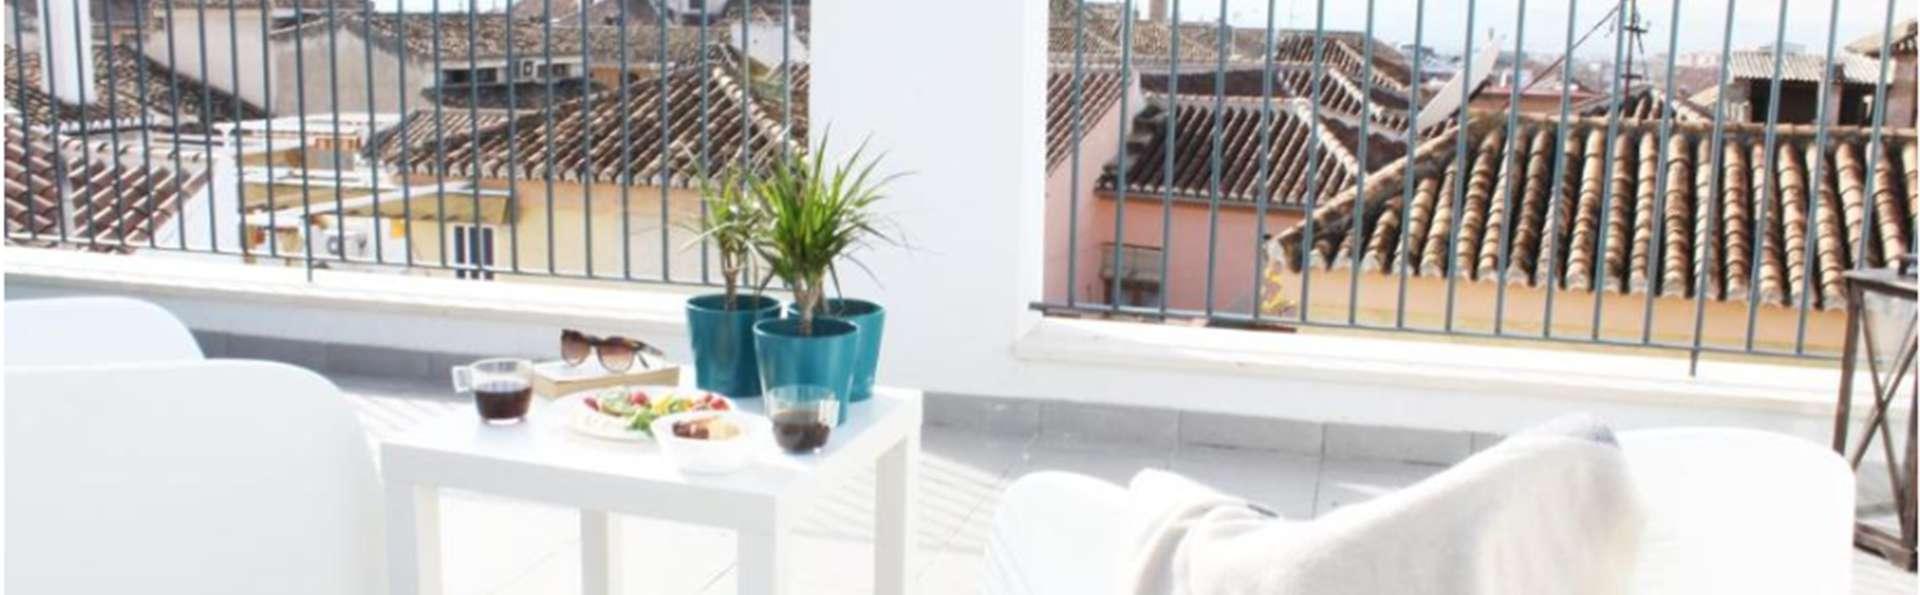 Nest Flats Granada - EDIT_NEST_FLATS_GRANADA-30.PNG